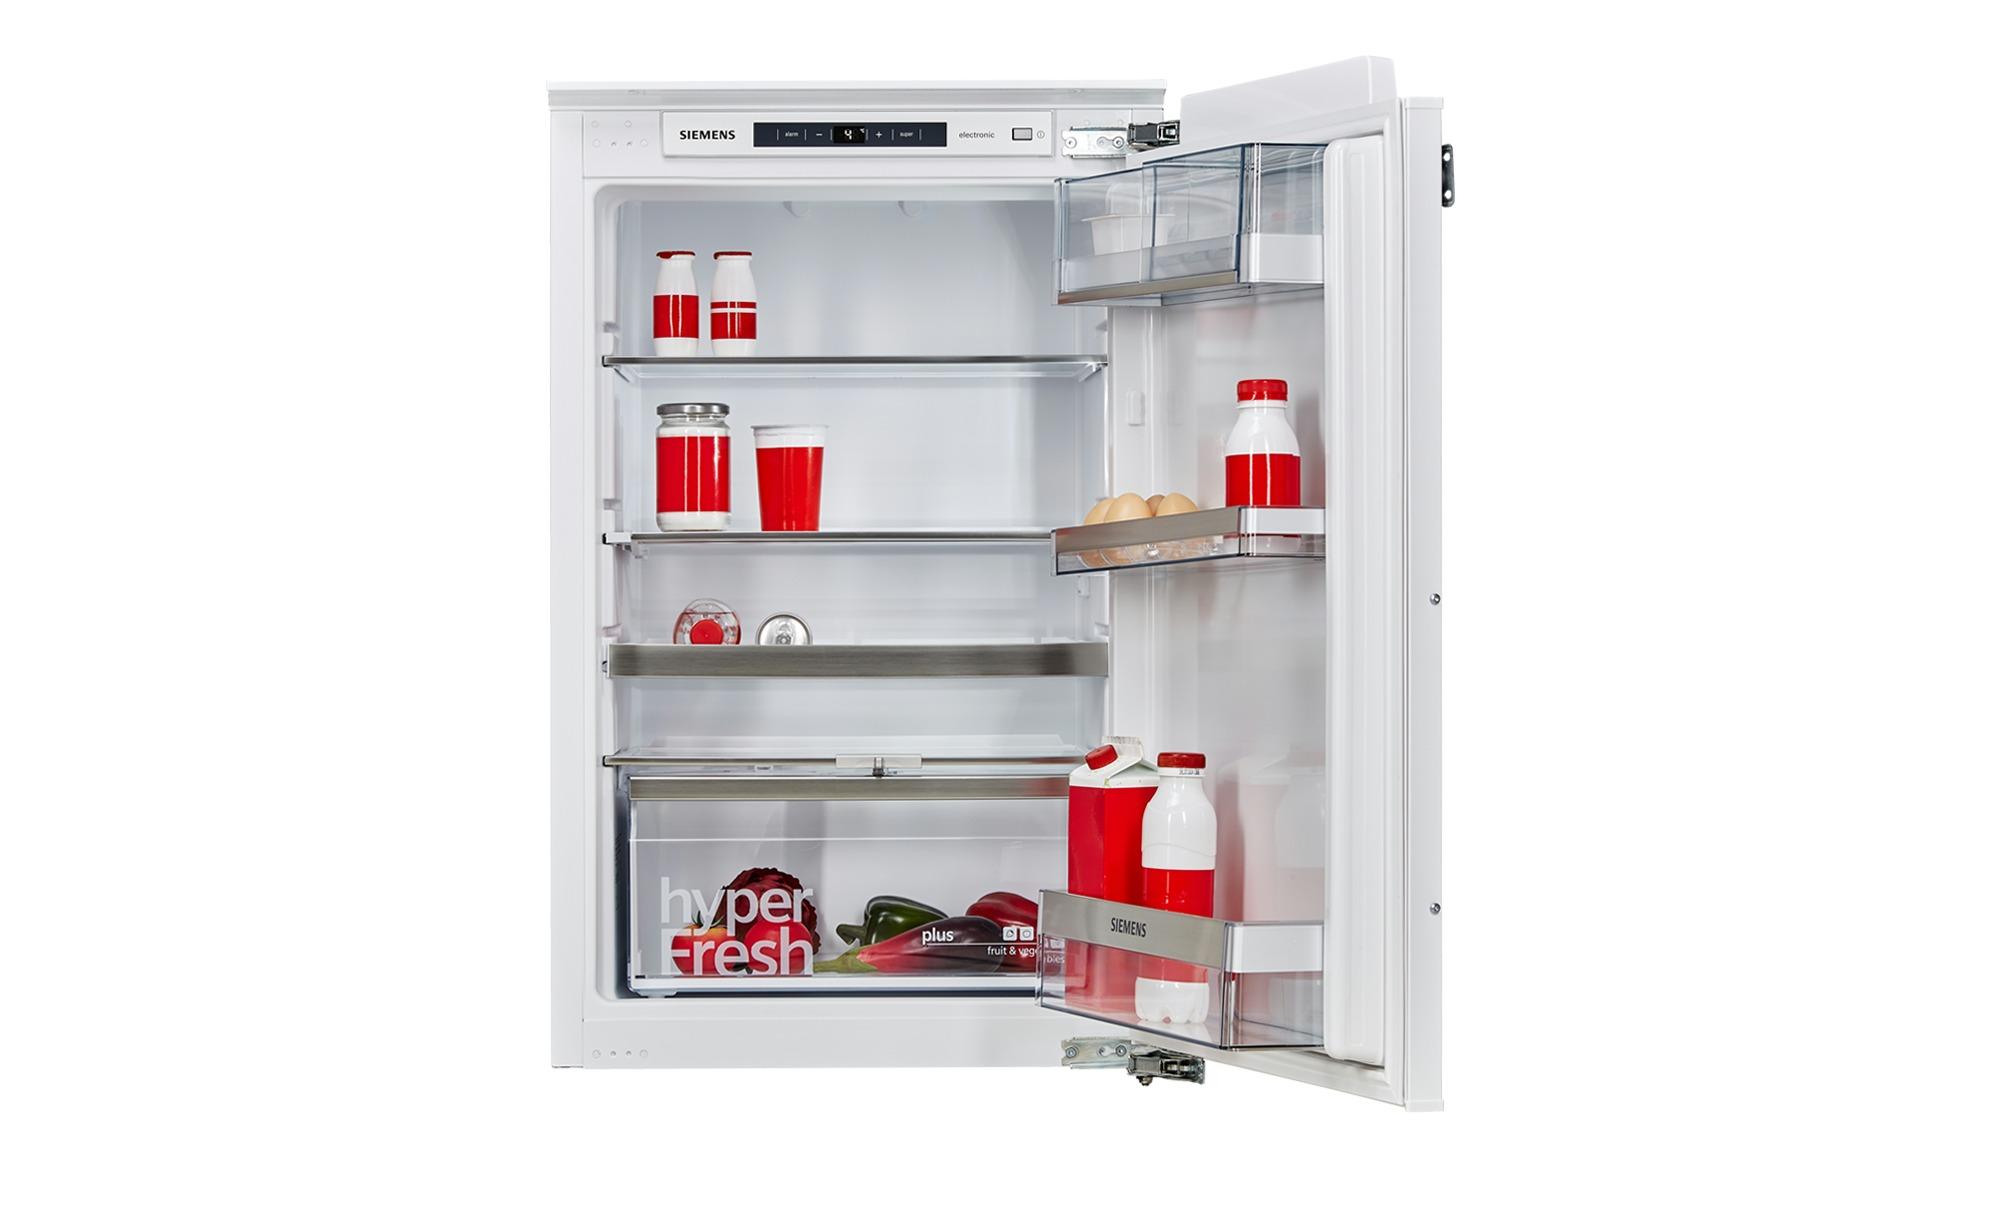 Siemens Kühlschrank Hyperfresh : Siemens einbau kühlschrank ki rad bei möbel kraft online